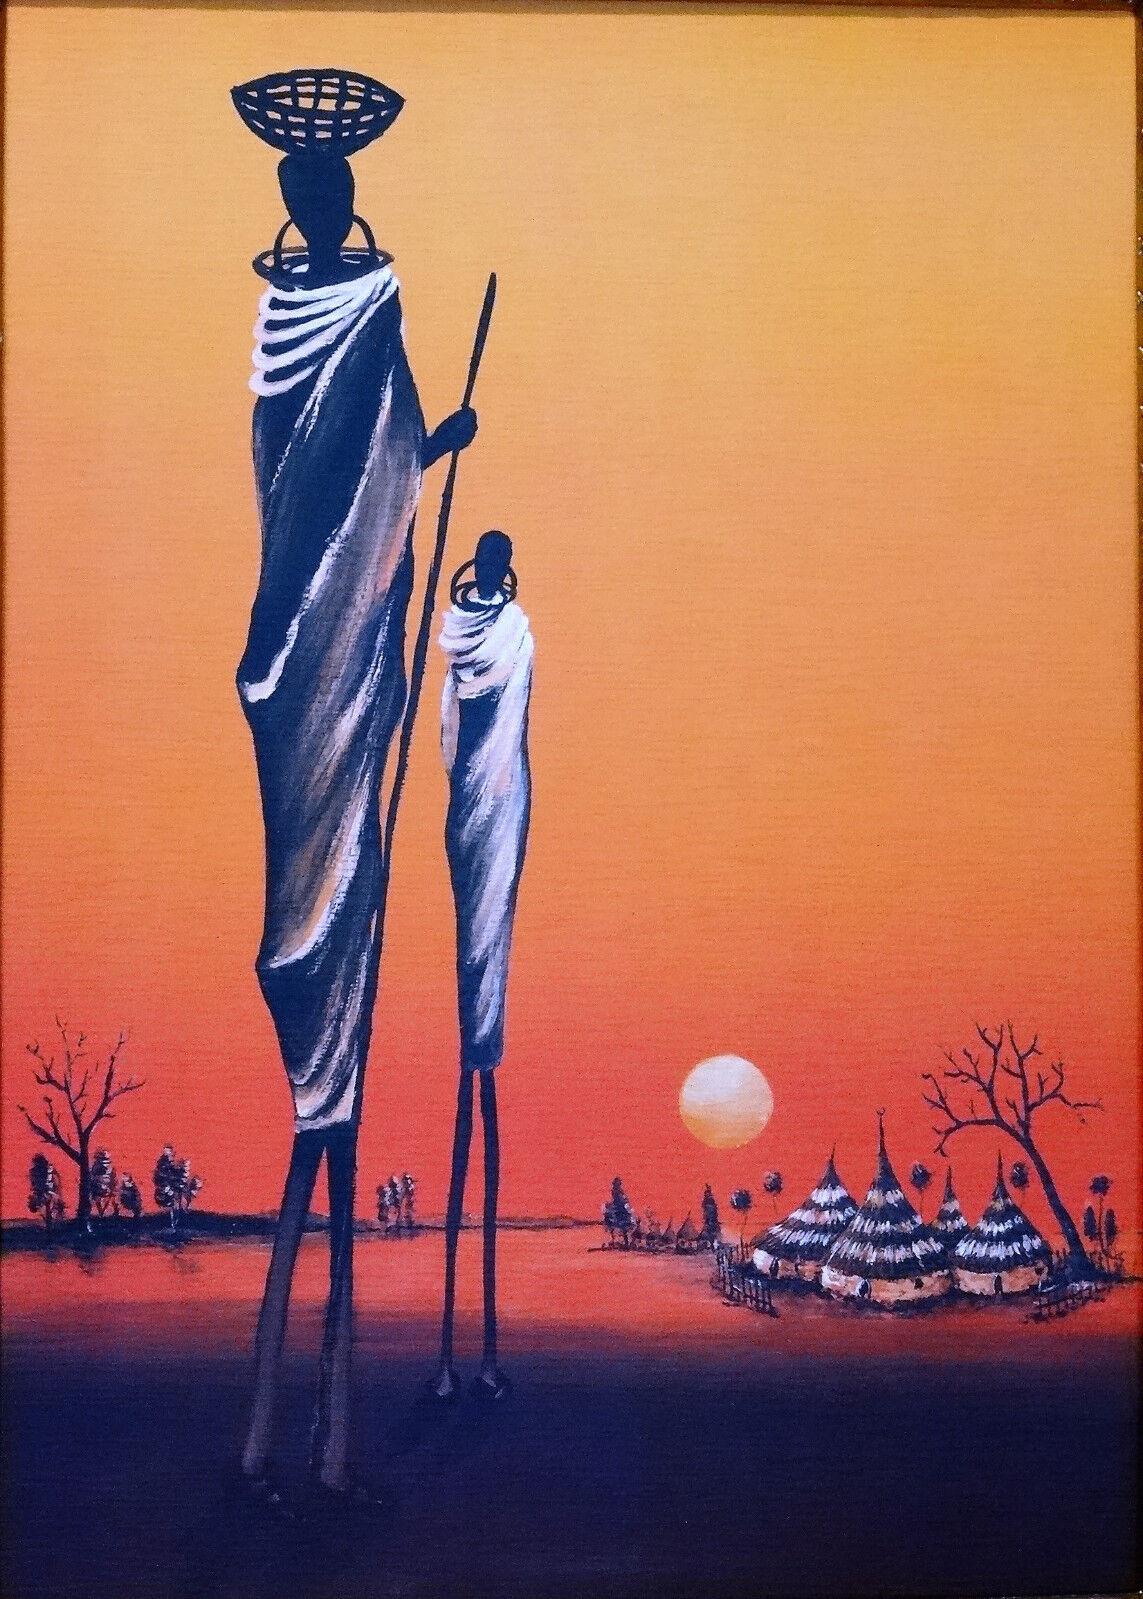 En exclusiva imágenes obras reproproduktion obras imágenes de arte de pintores contemporáneo 90x70 285 edb61a